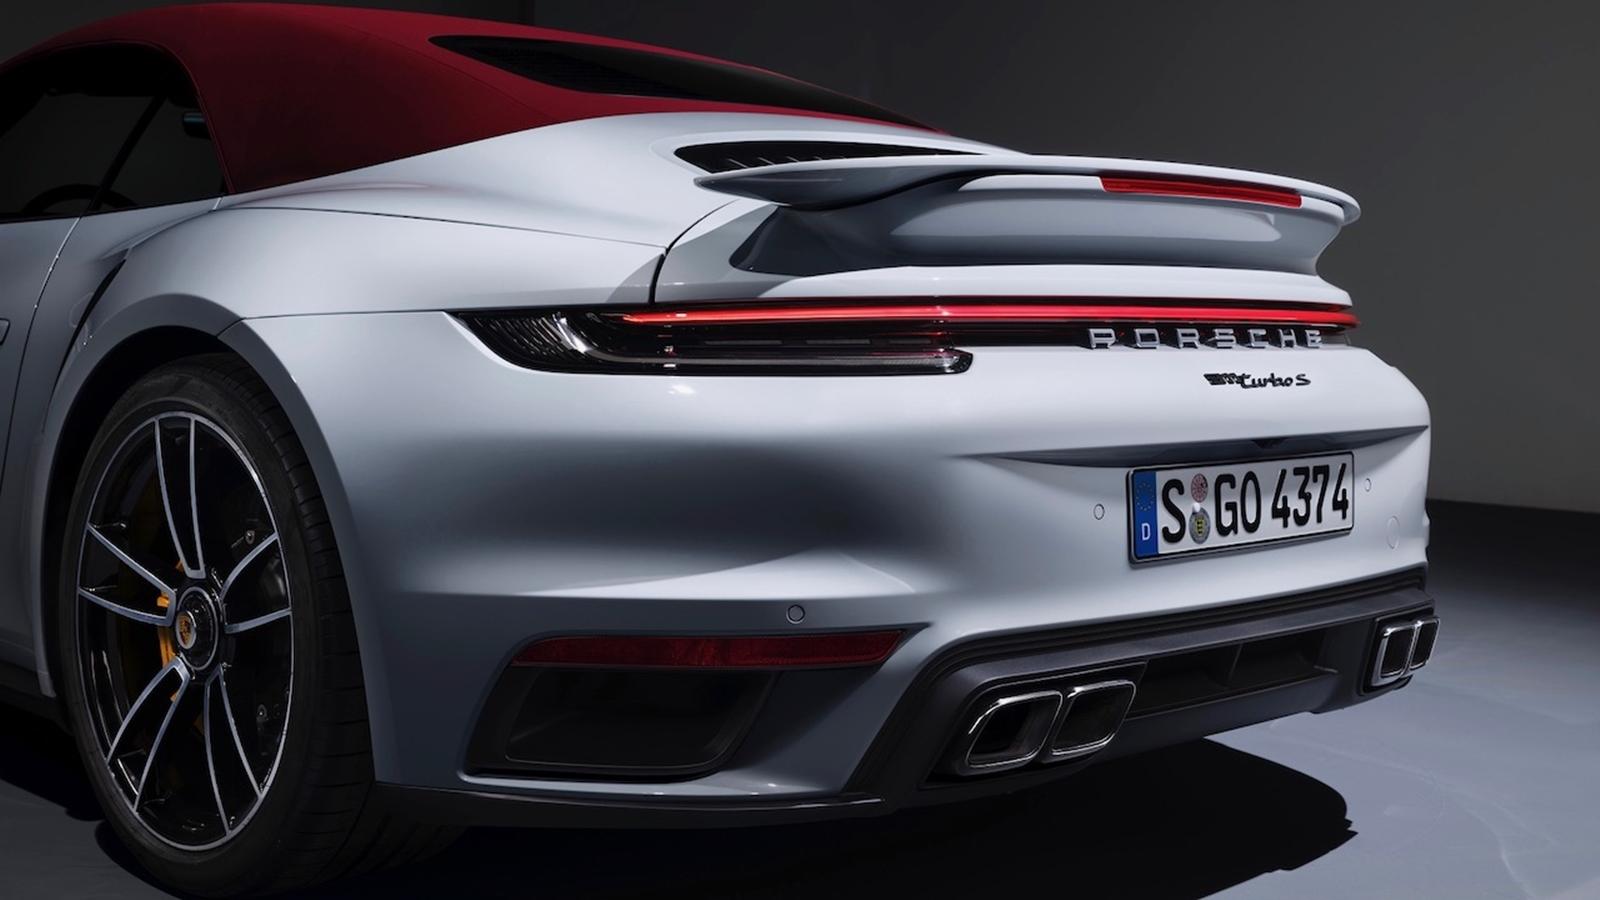 Porsche 911 Turbo S Cabrio (1)